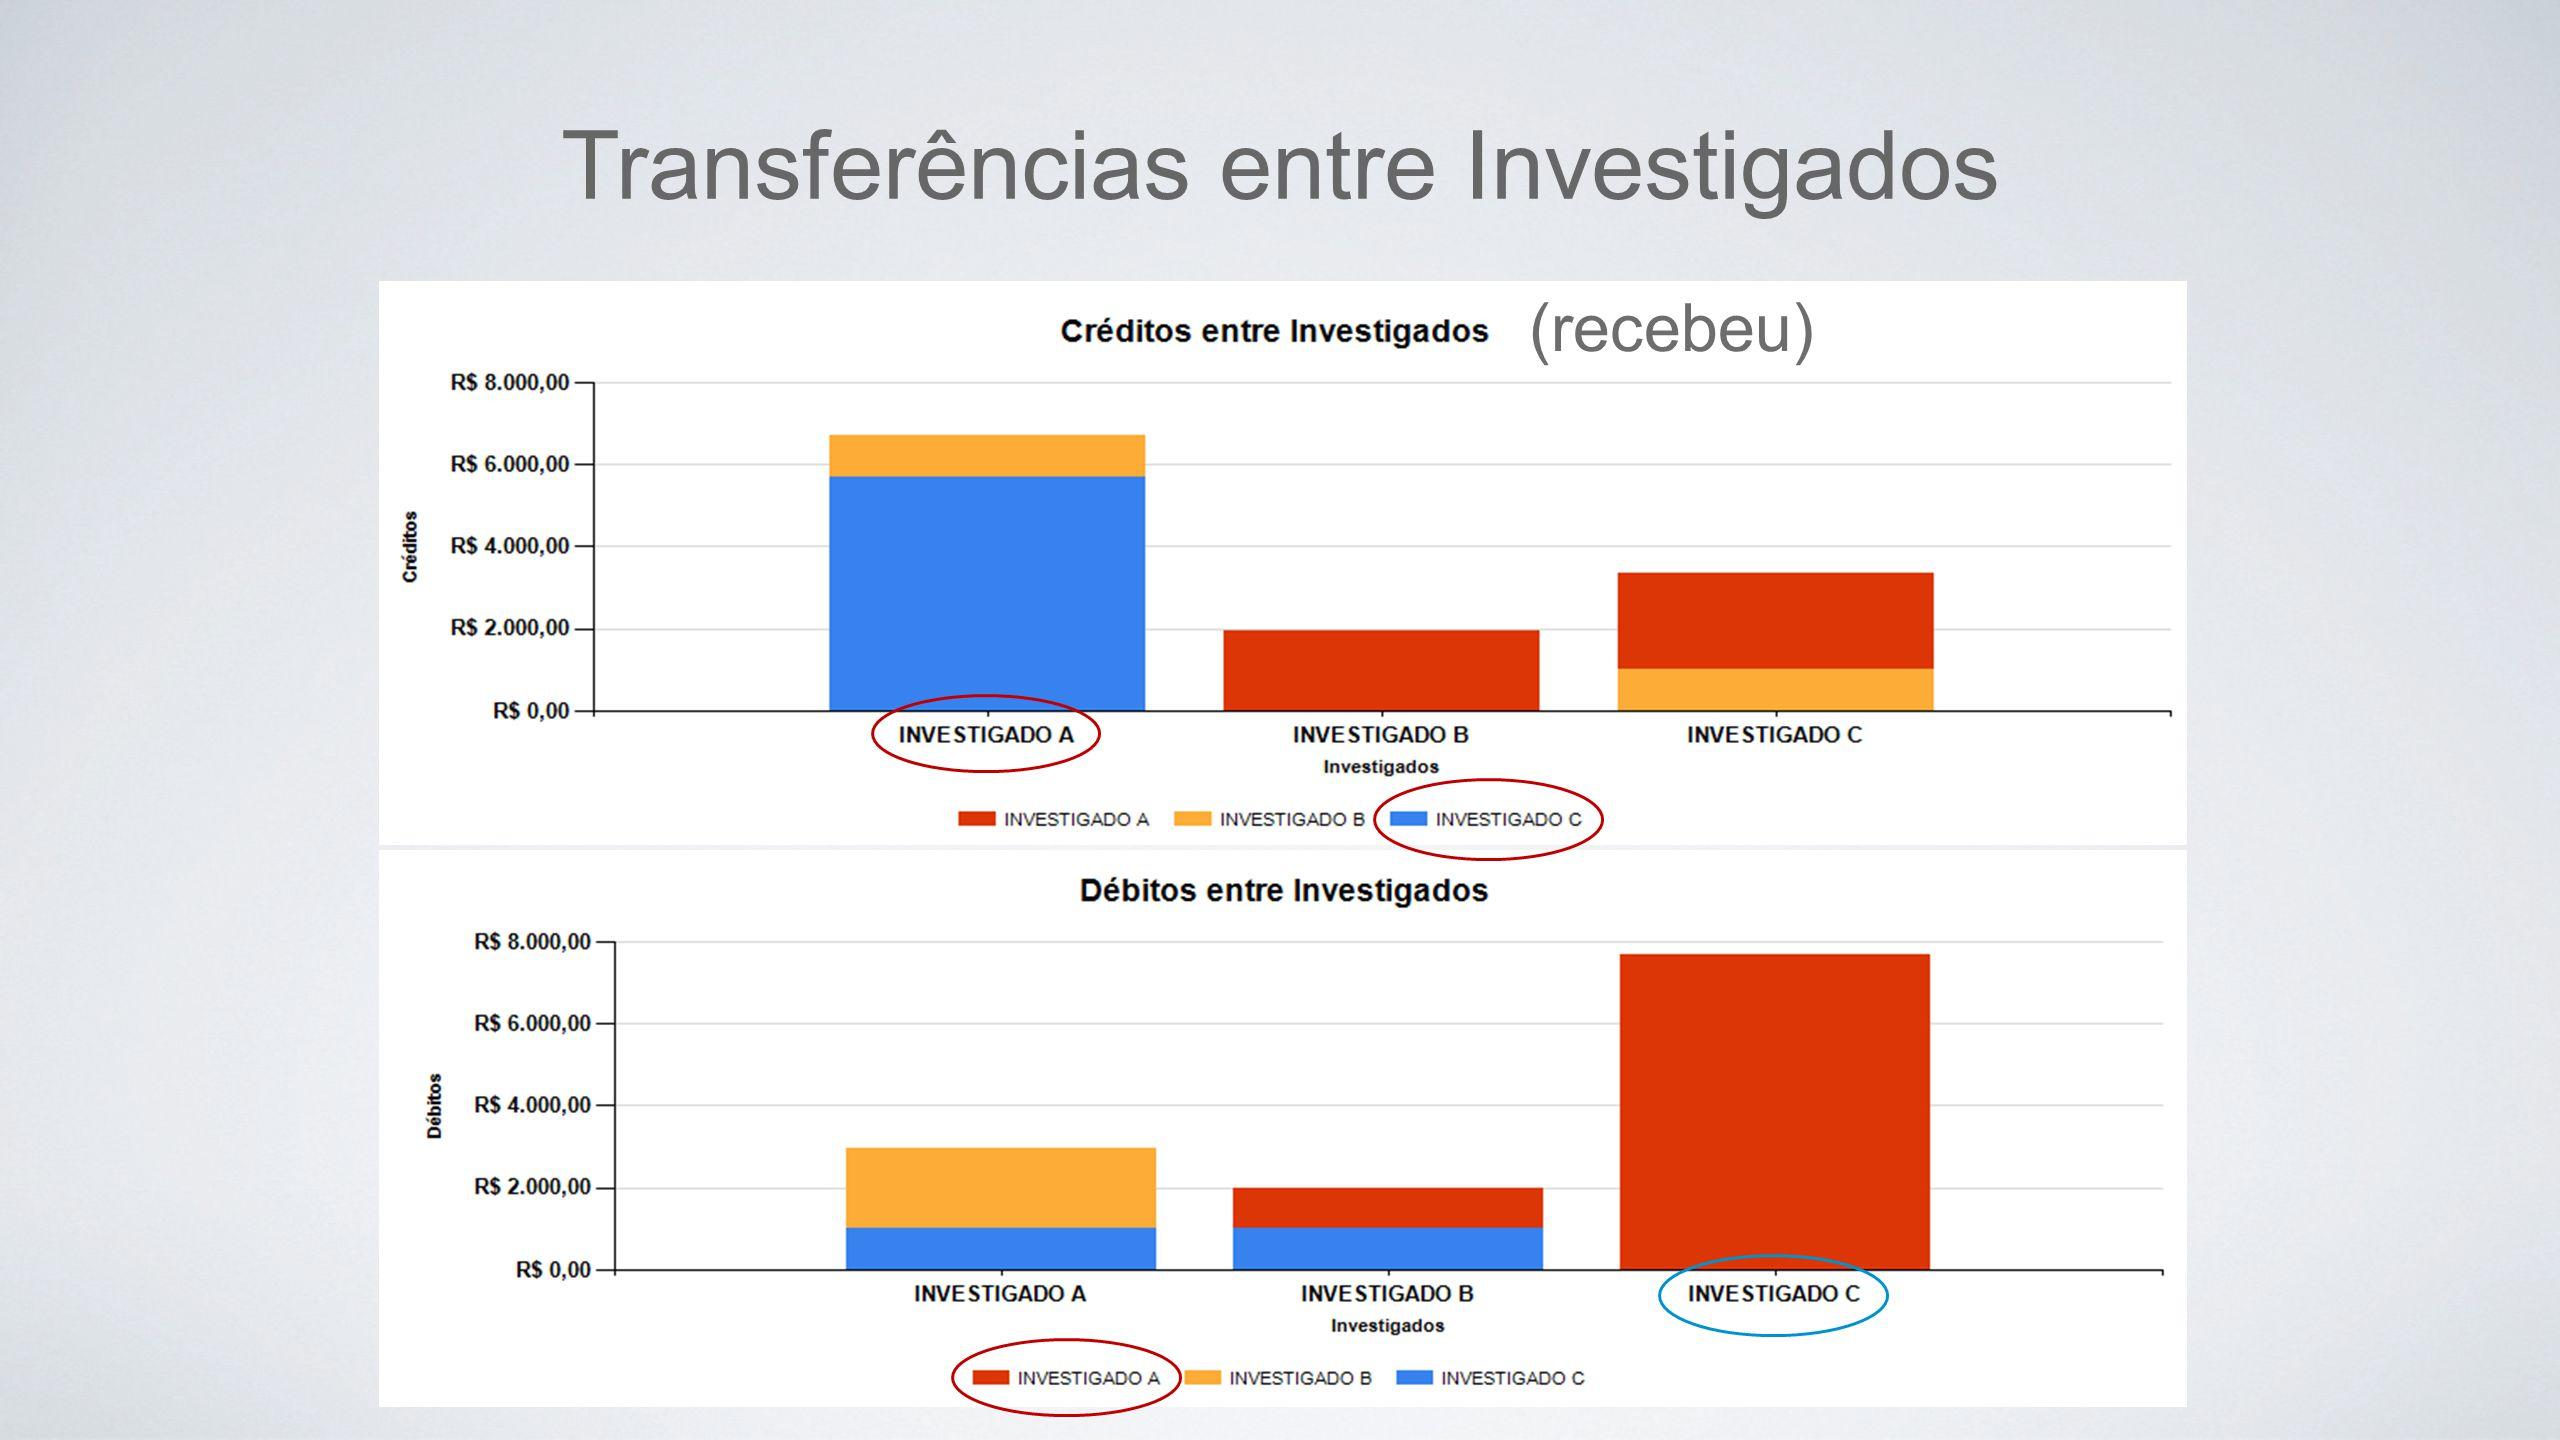 Transferências entre Investigados